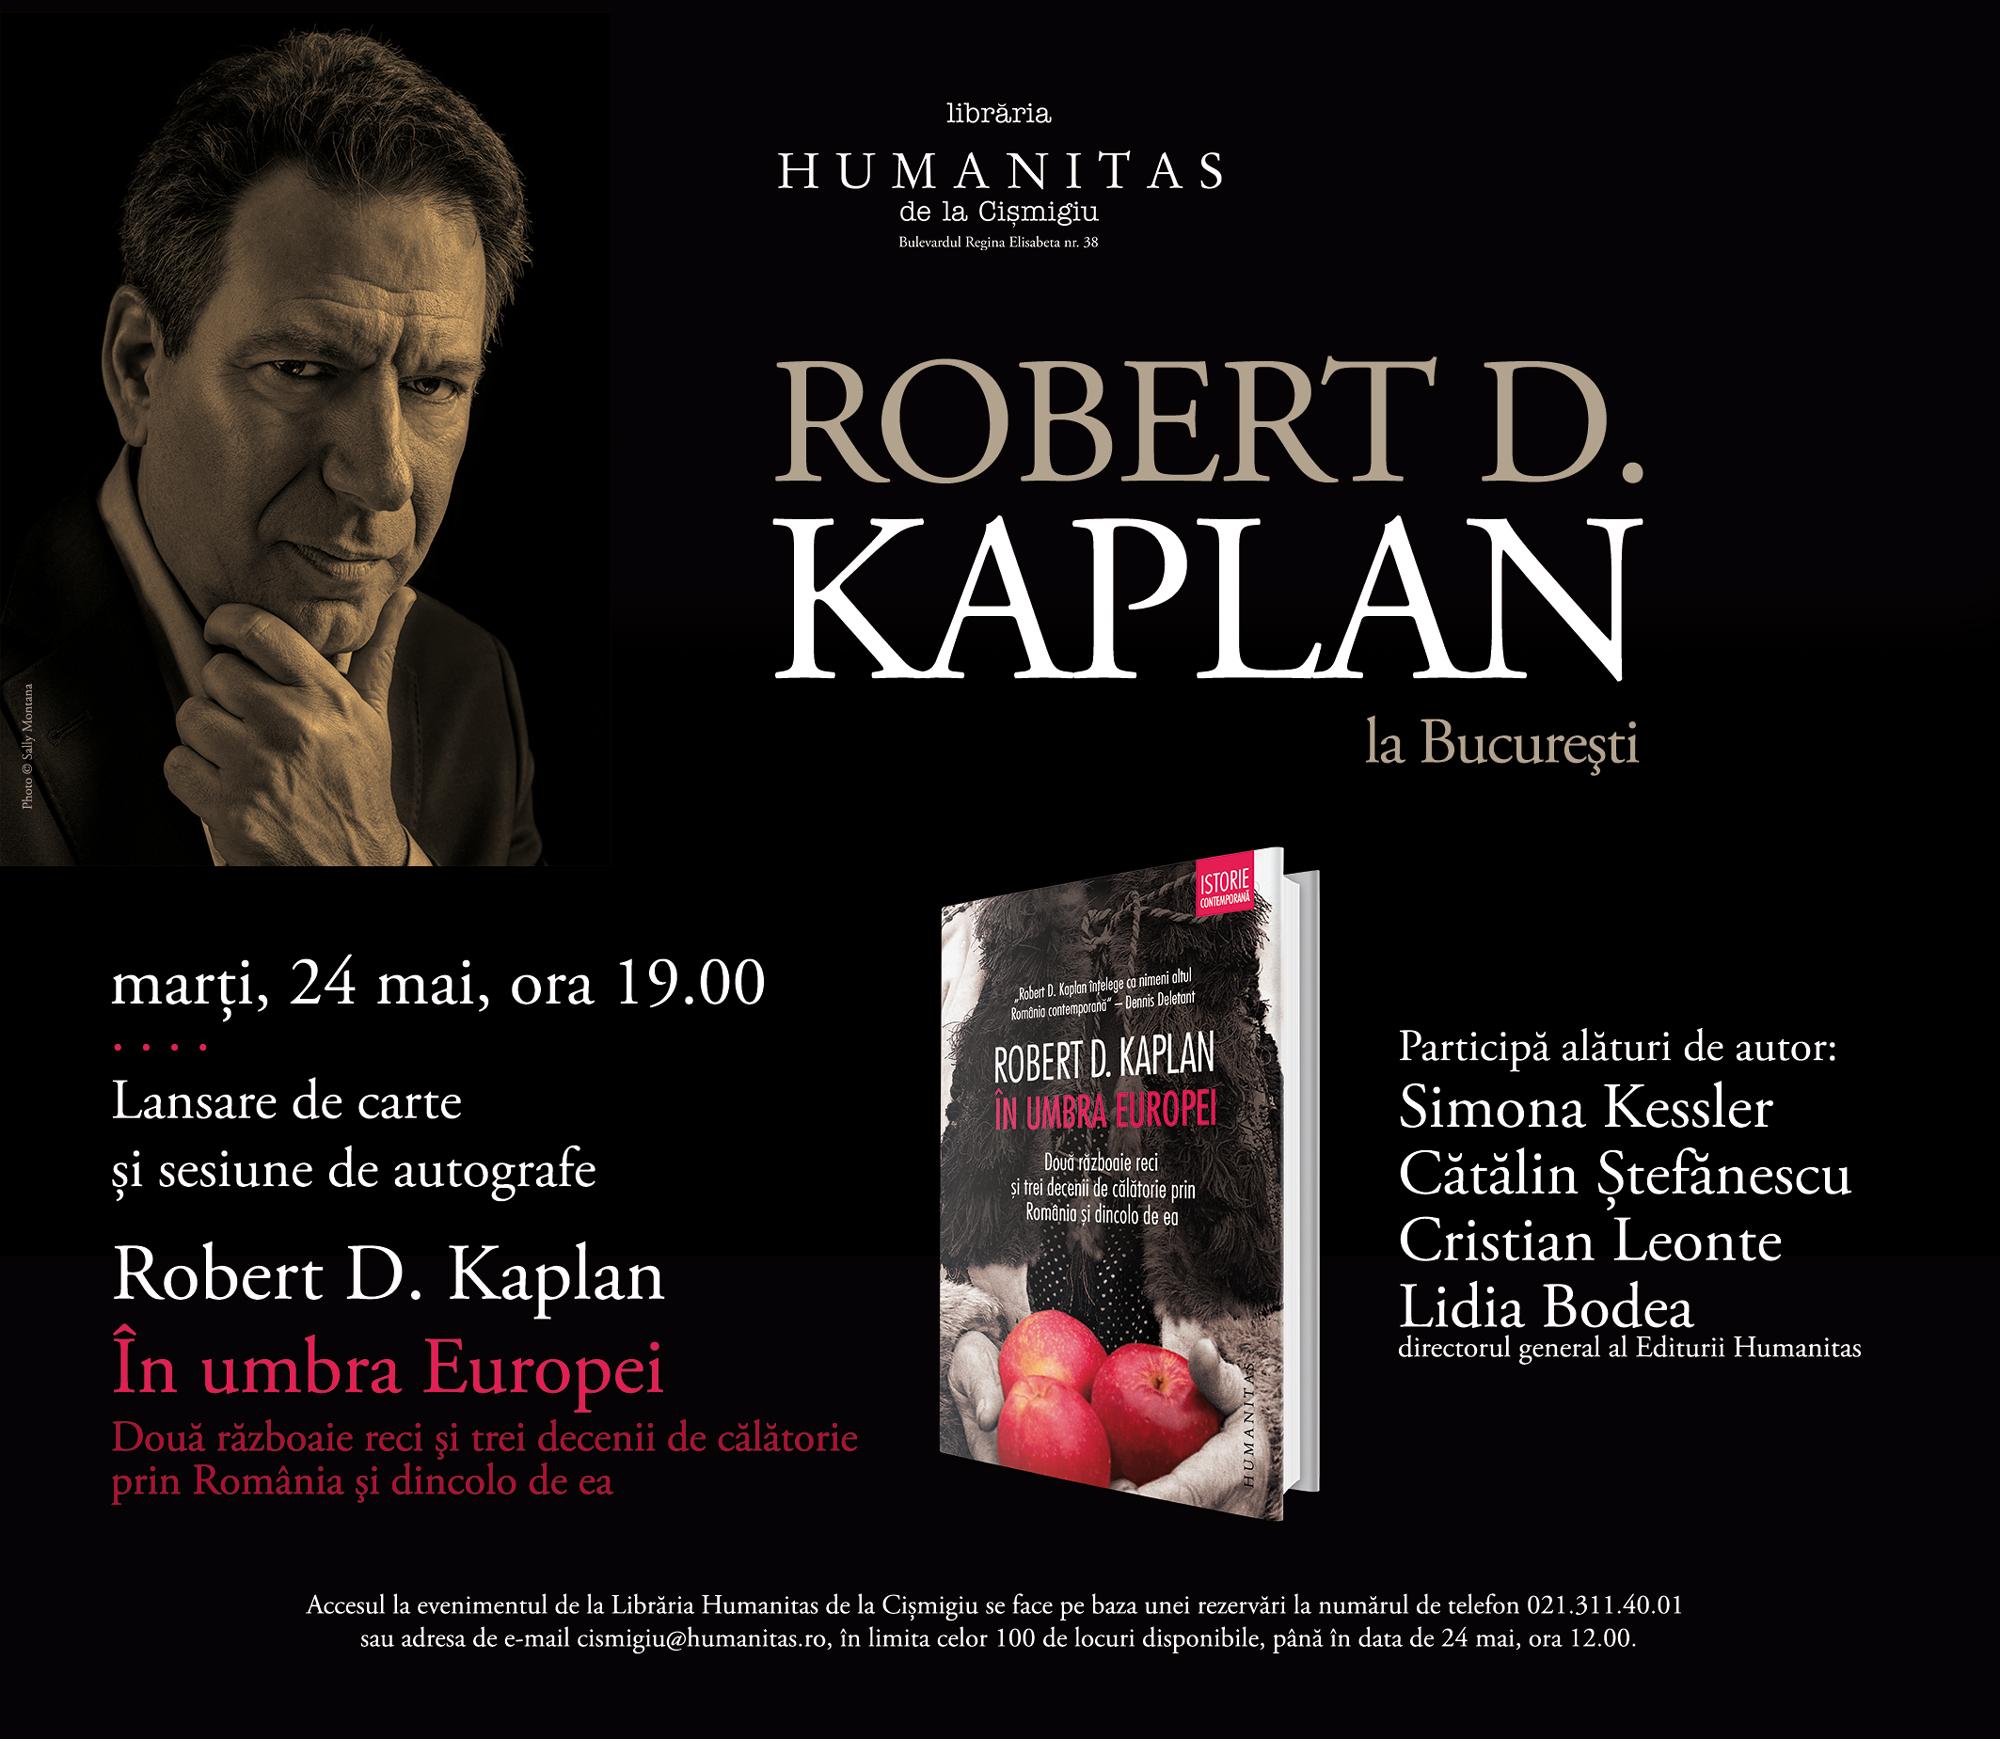 Întâlnire cu Robert D. Kaplan la Librăria Humanitas de la Cişmigiu